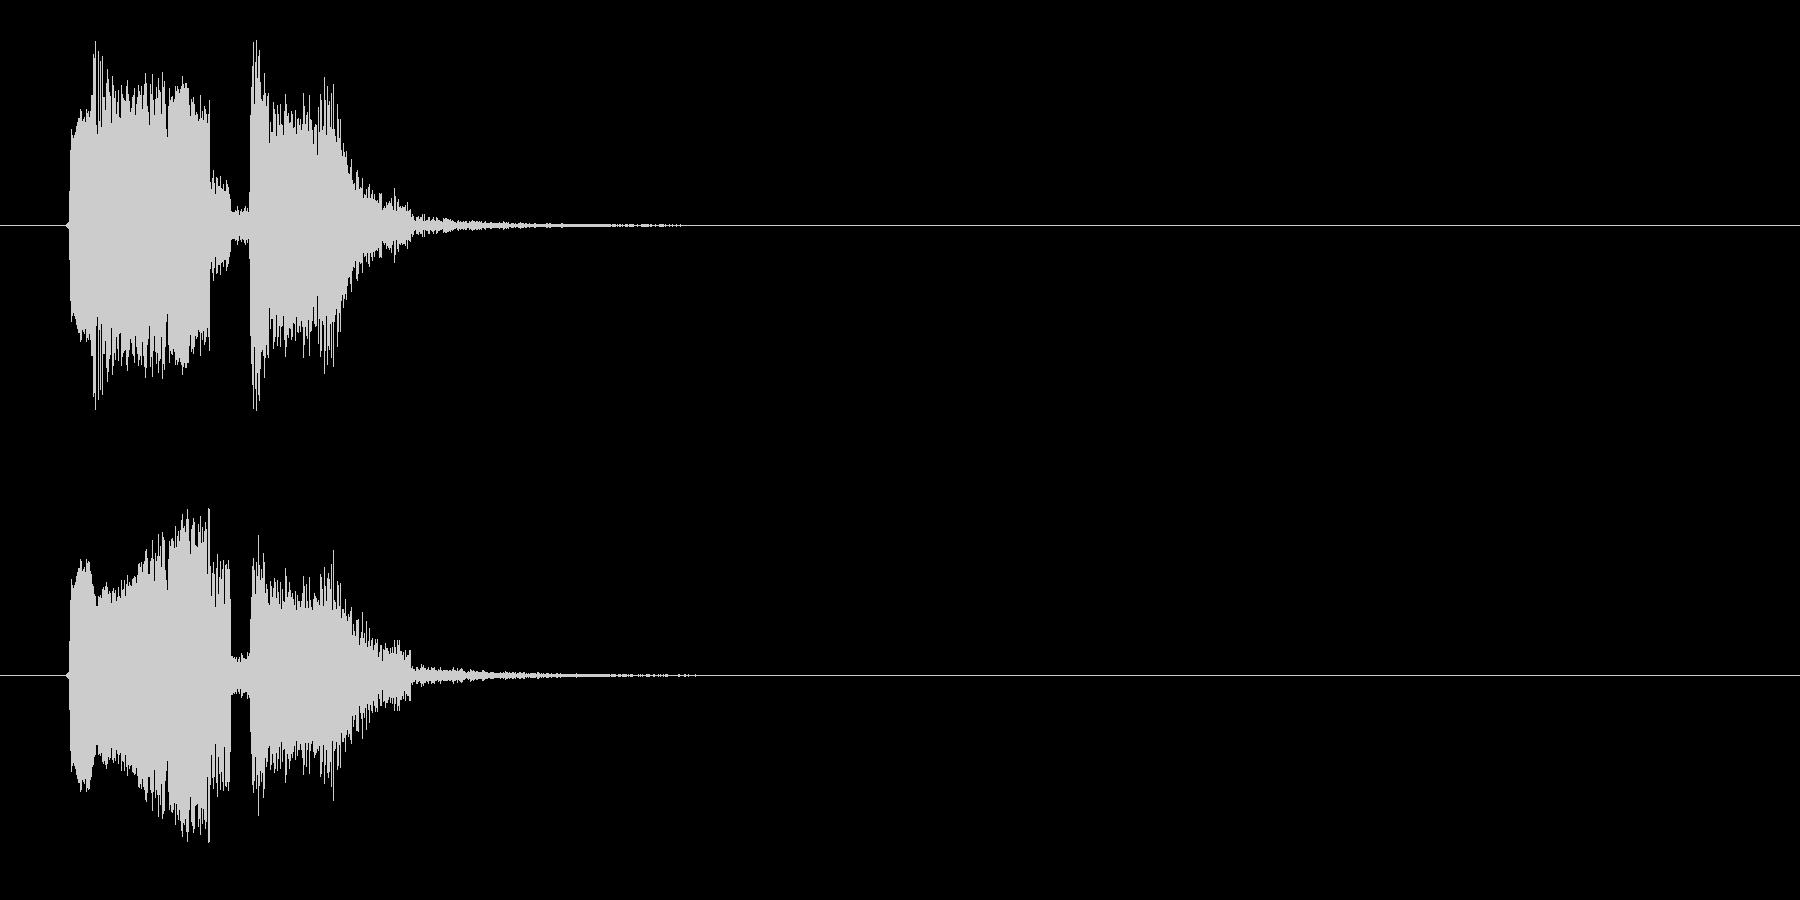 ビヨヨン、ジャン(コミカル、オチ)の未再生の波形